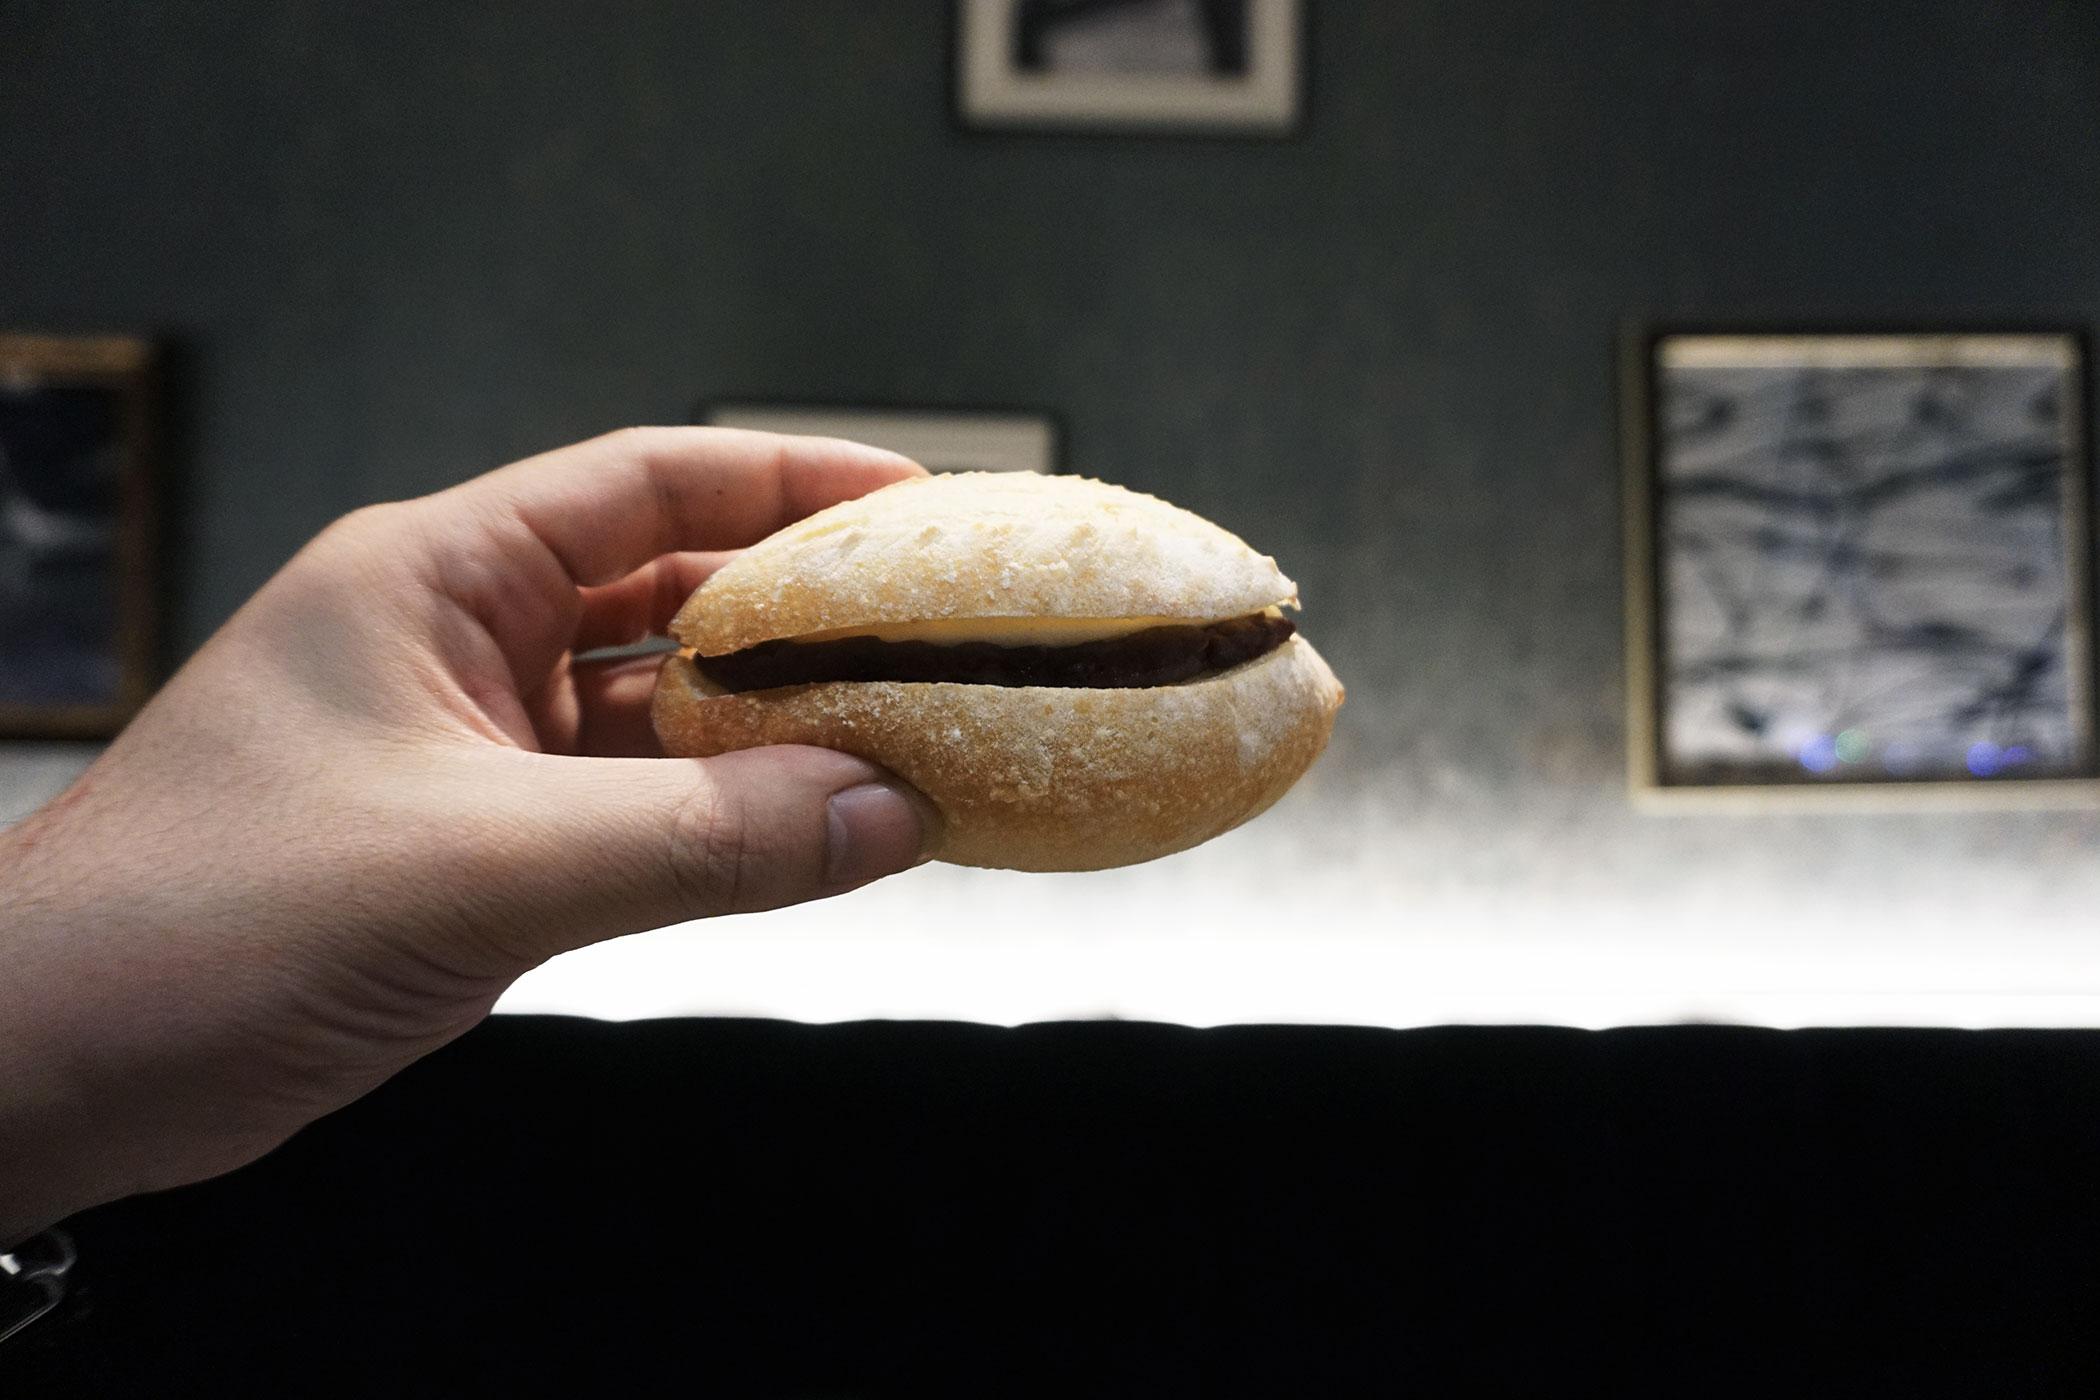 グッドペアリングのすすめ – パンとエスプレッソとのあんこクリームチーズ